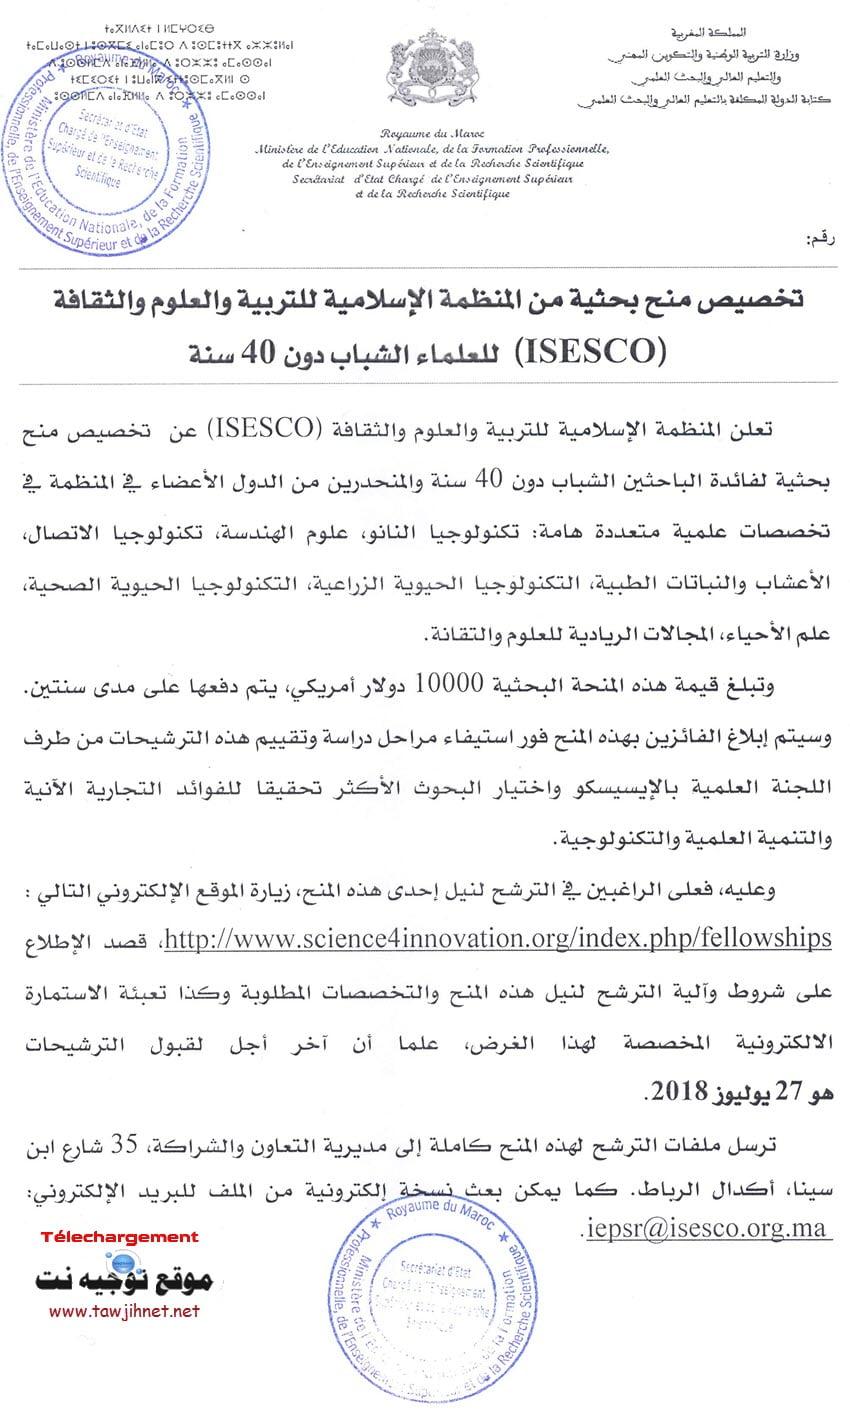 ISESCO_Bourses_2018-2019